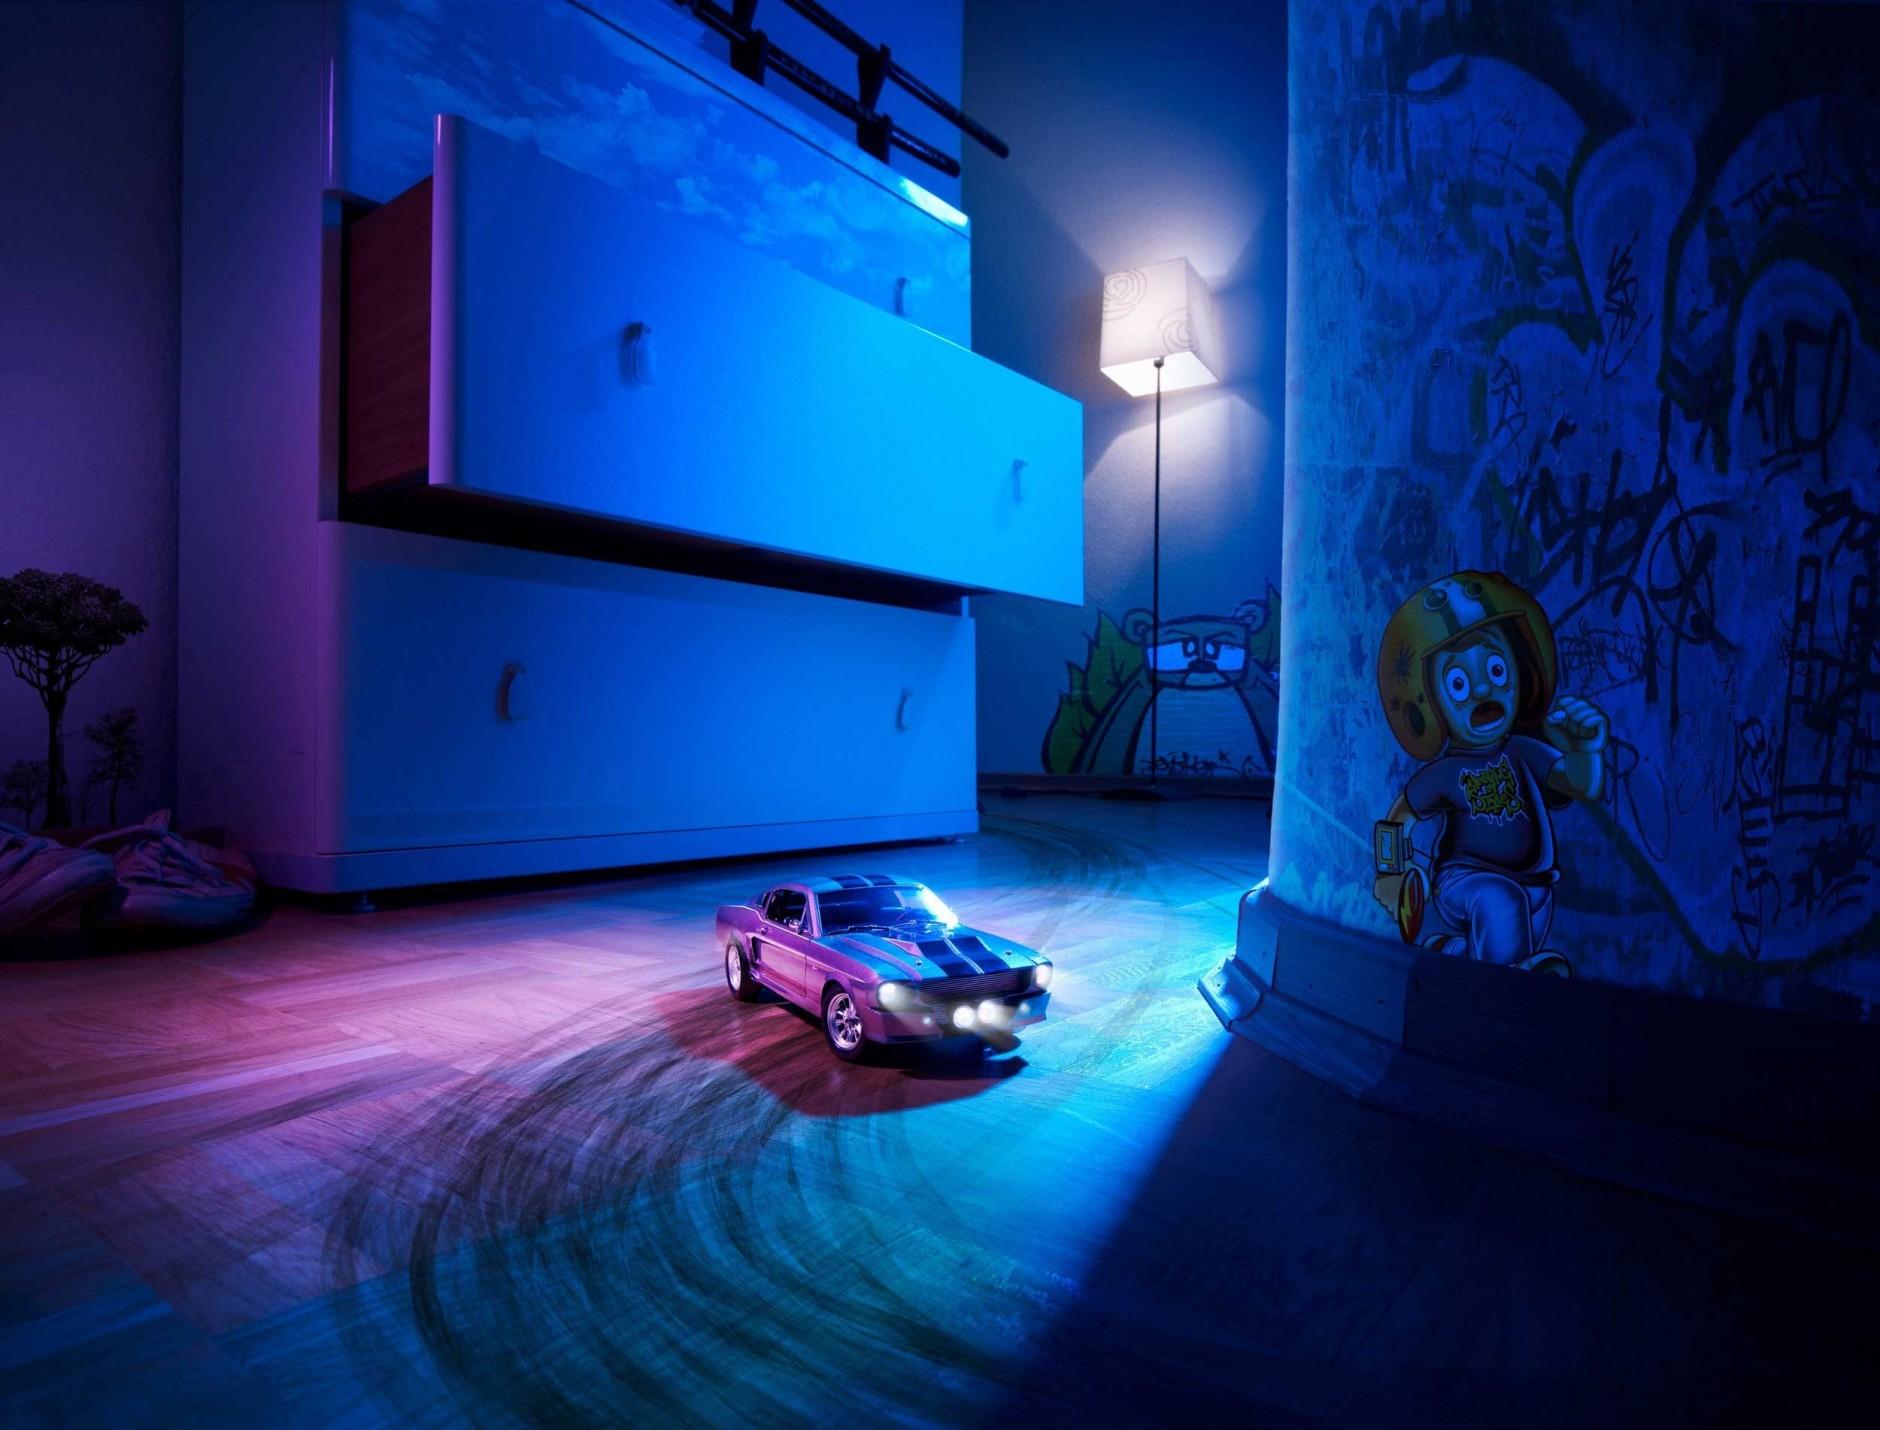 Nachts im Kinderzimmer von Thomas Schorn (Nachwuchsfoto)